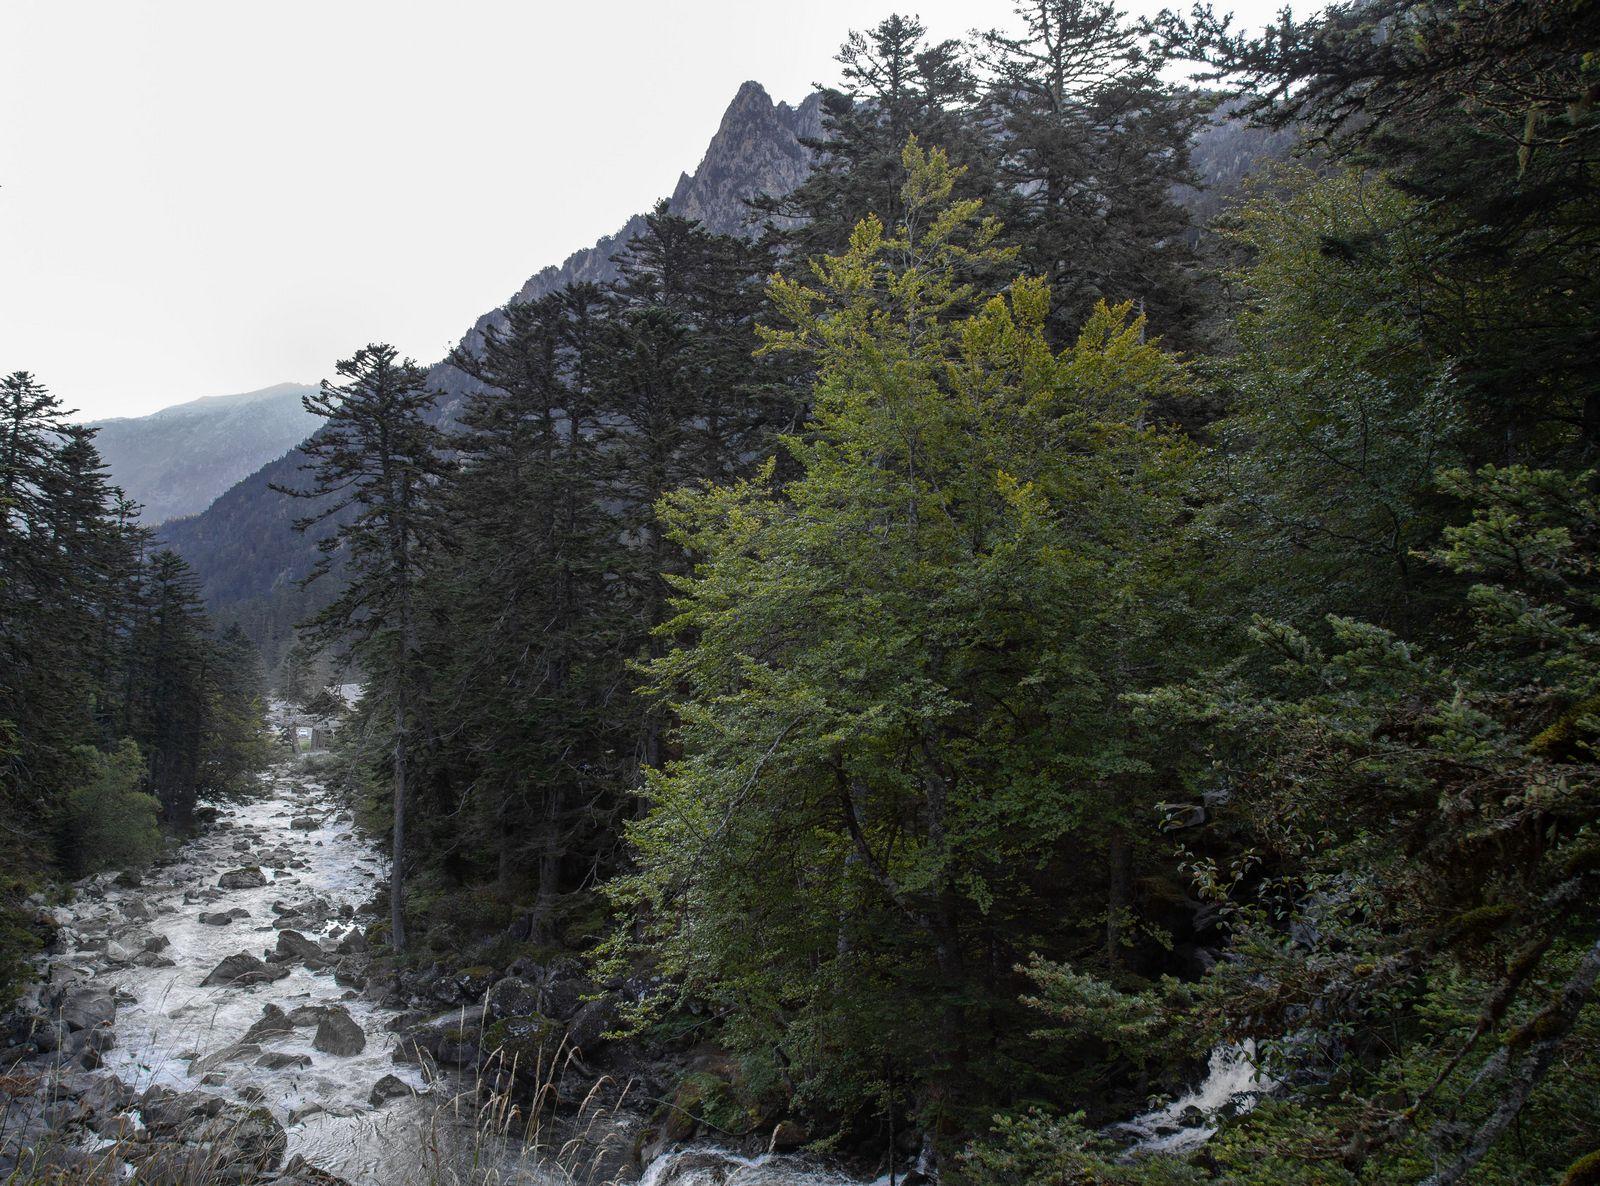 El río sigue su curso tras pararse para hacerse la foto